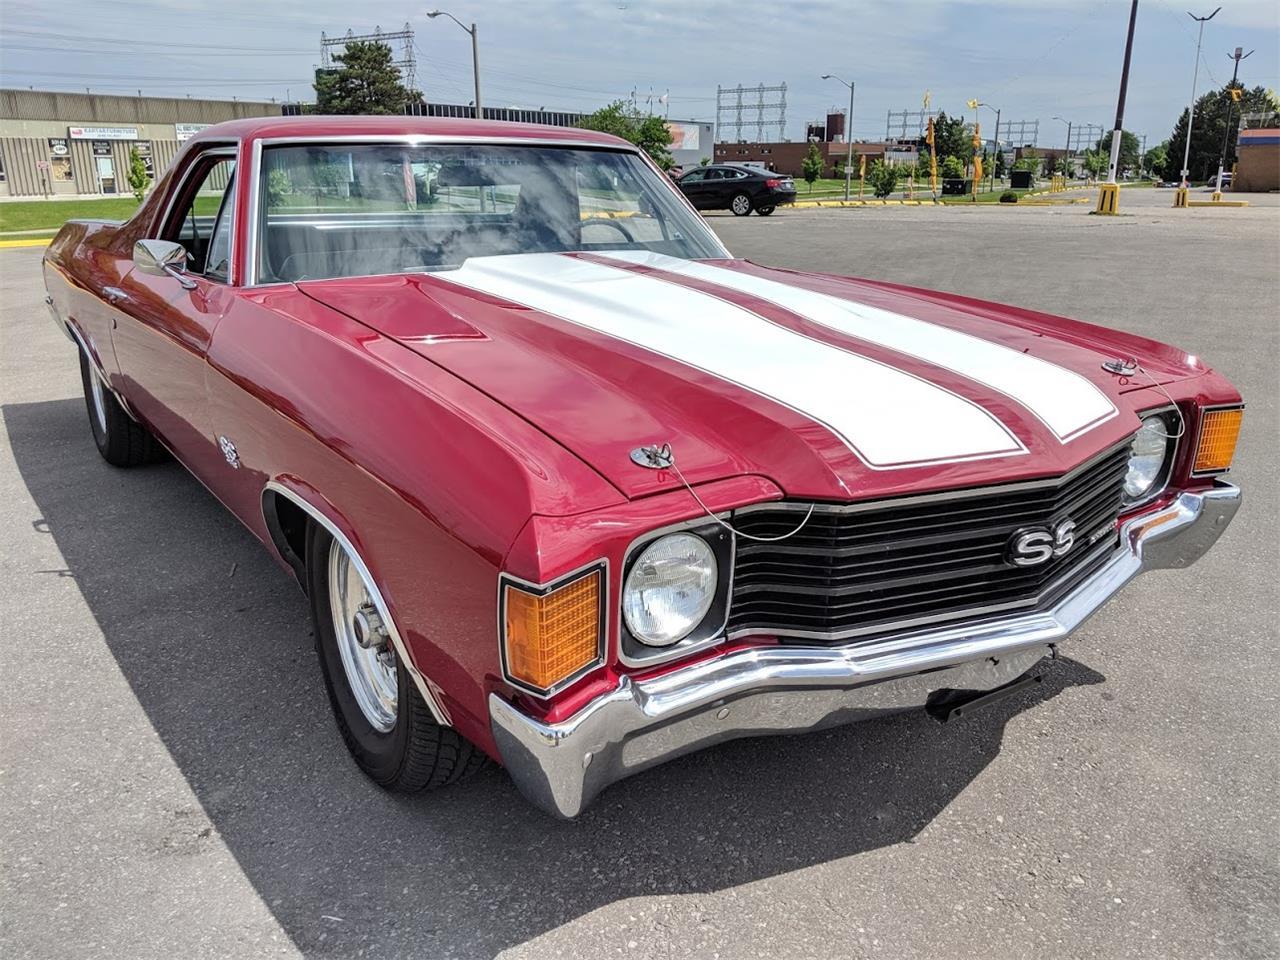 1972 Chevrolet El Camino (CC-1305525) for sale in Toronto, Ontario